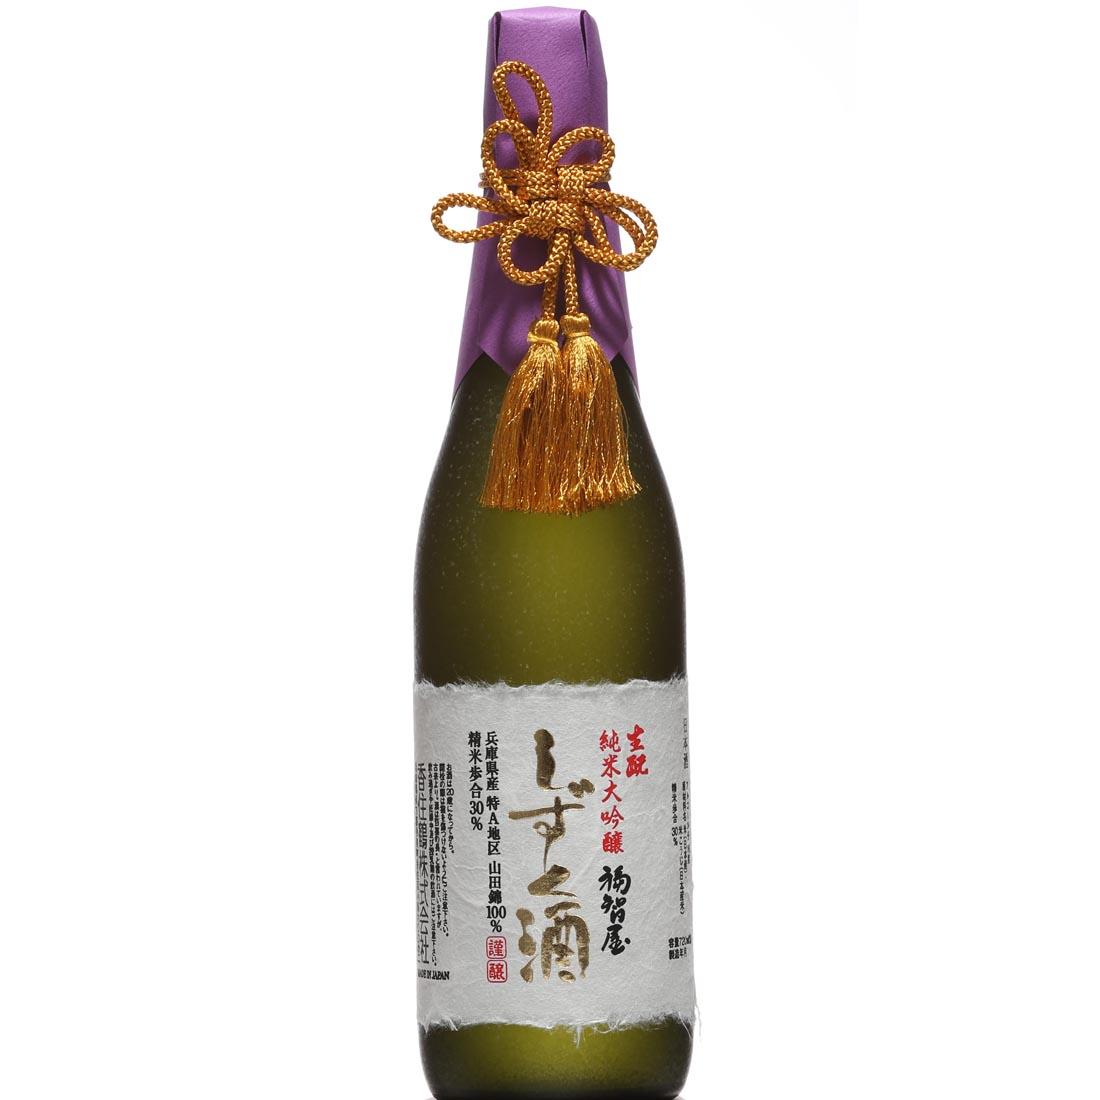 香住鶴 生もと 純米大吟醸 福智屋 しずく酒 720ml 送料無料 但馬 兵庫 日本酒 四合瓶